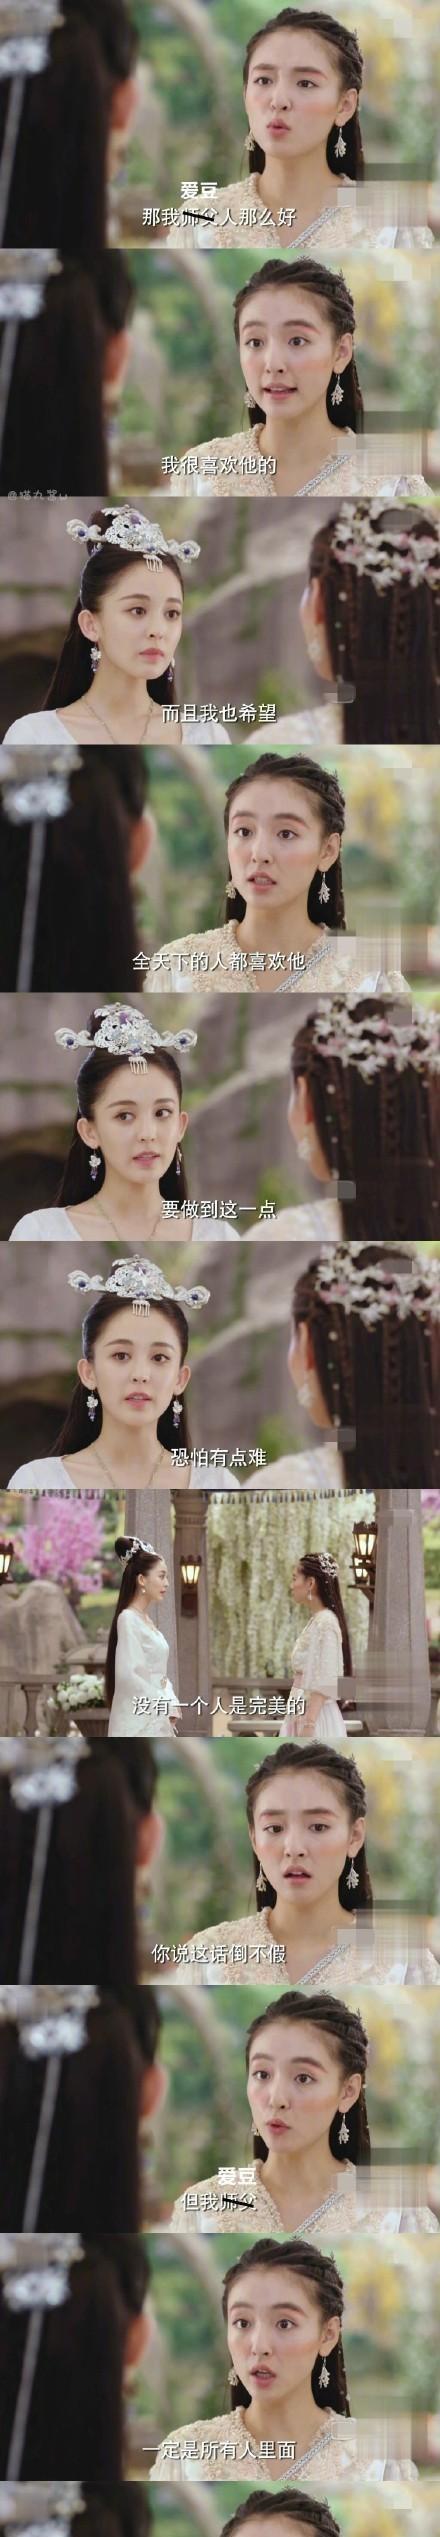 """从""""小赵默笙""""到""""妖族公主白落衡"""",吴倩大概可以实力进入小花了!"""